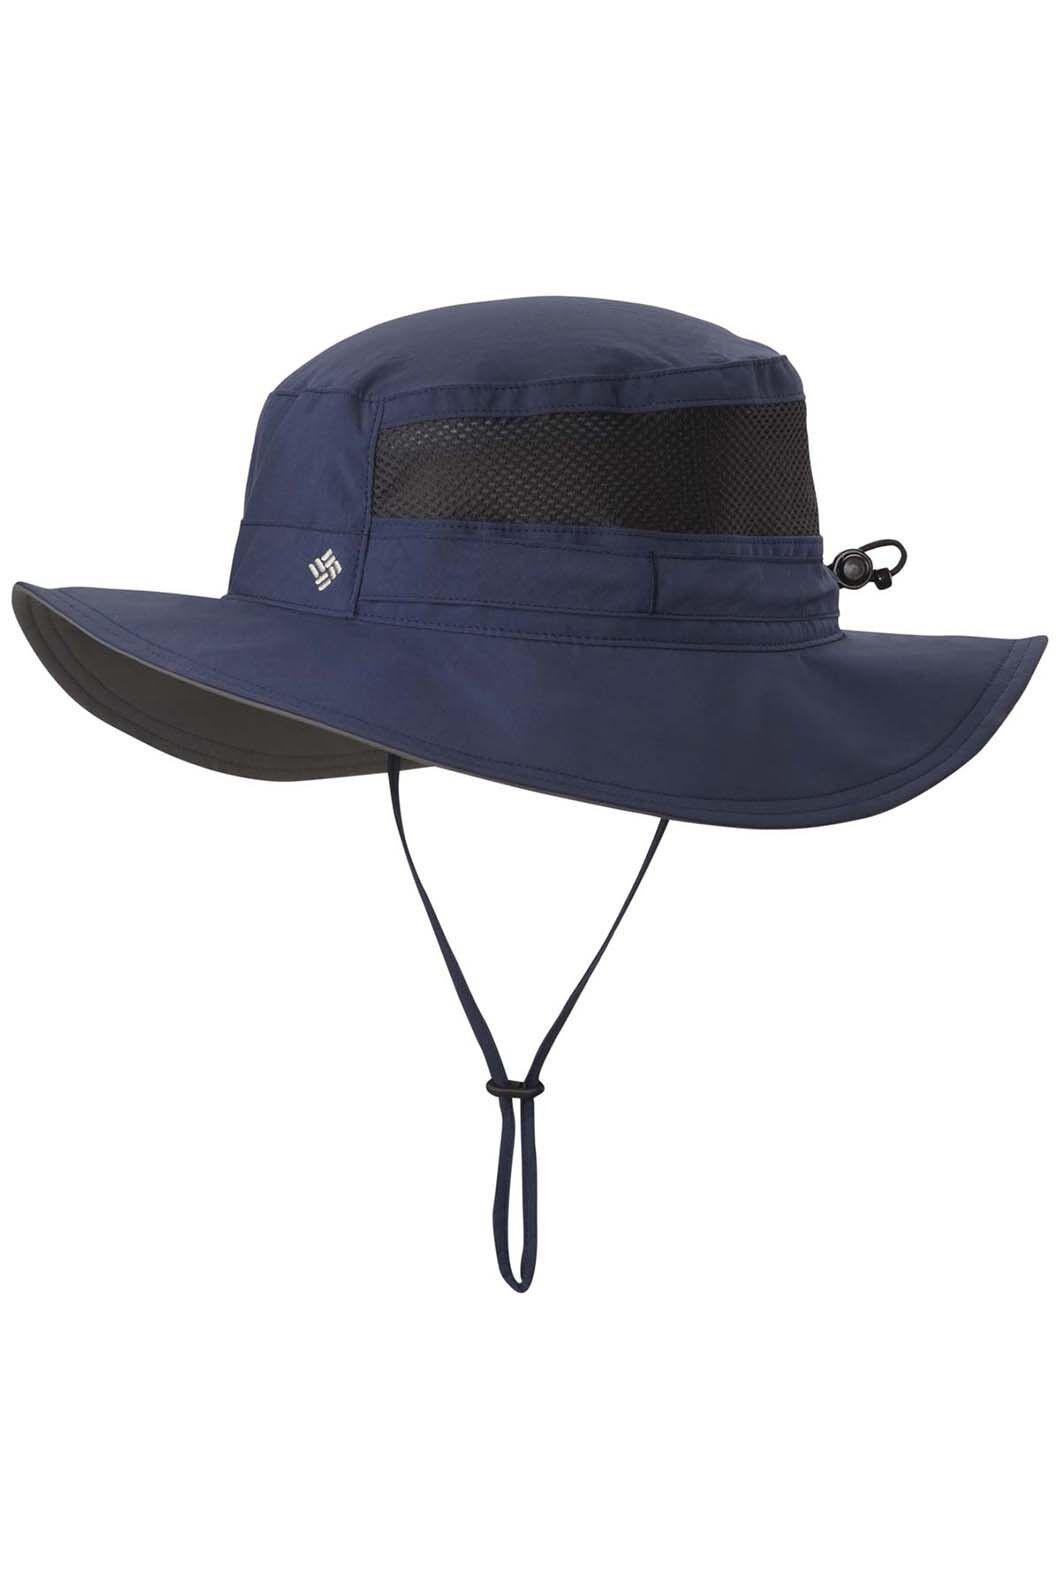 Columbia Men's Bora Bora II Hat One Size Fits Most, Sage, hi-res